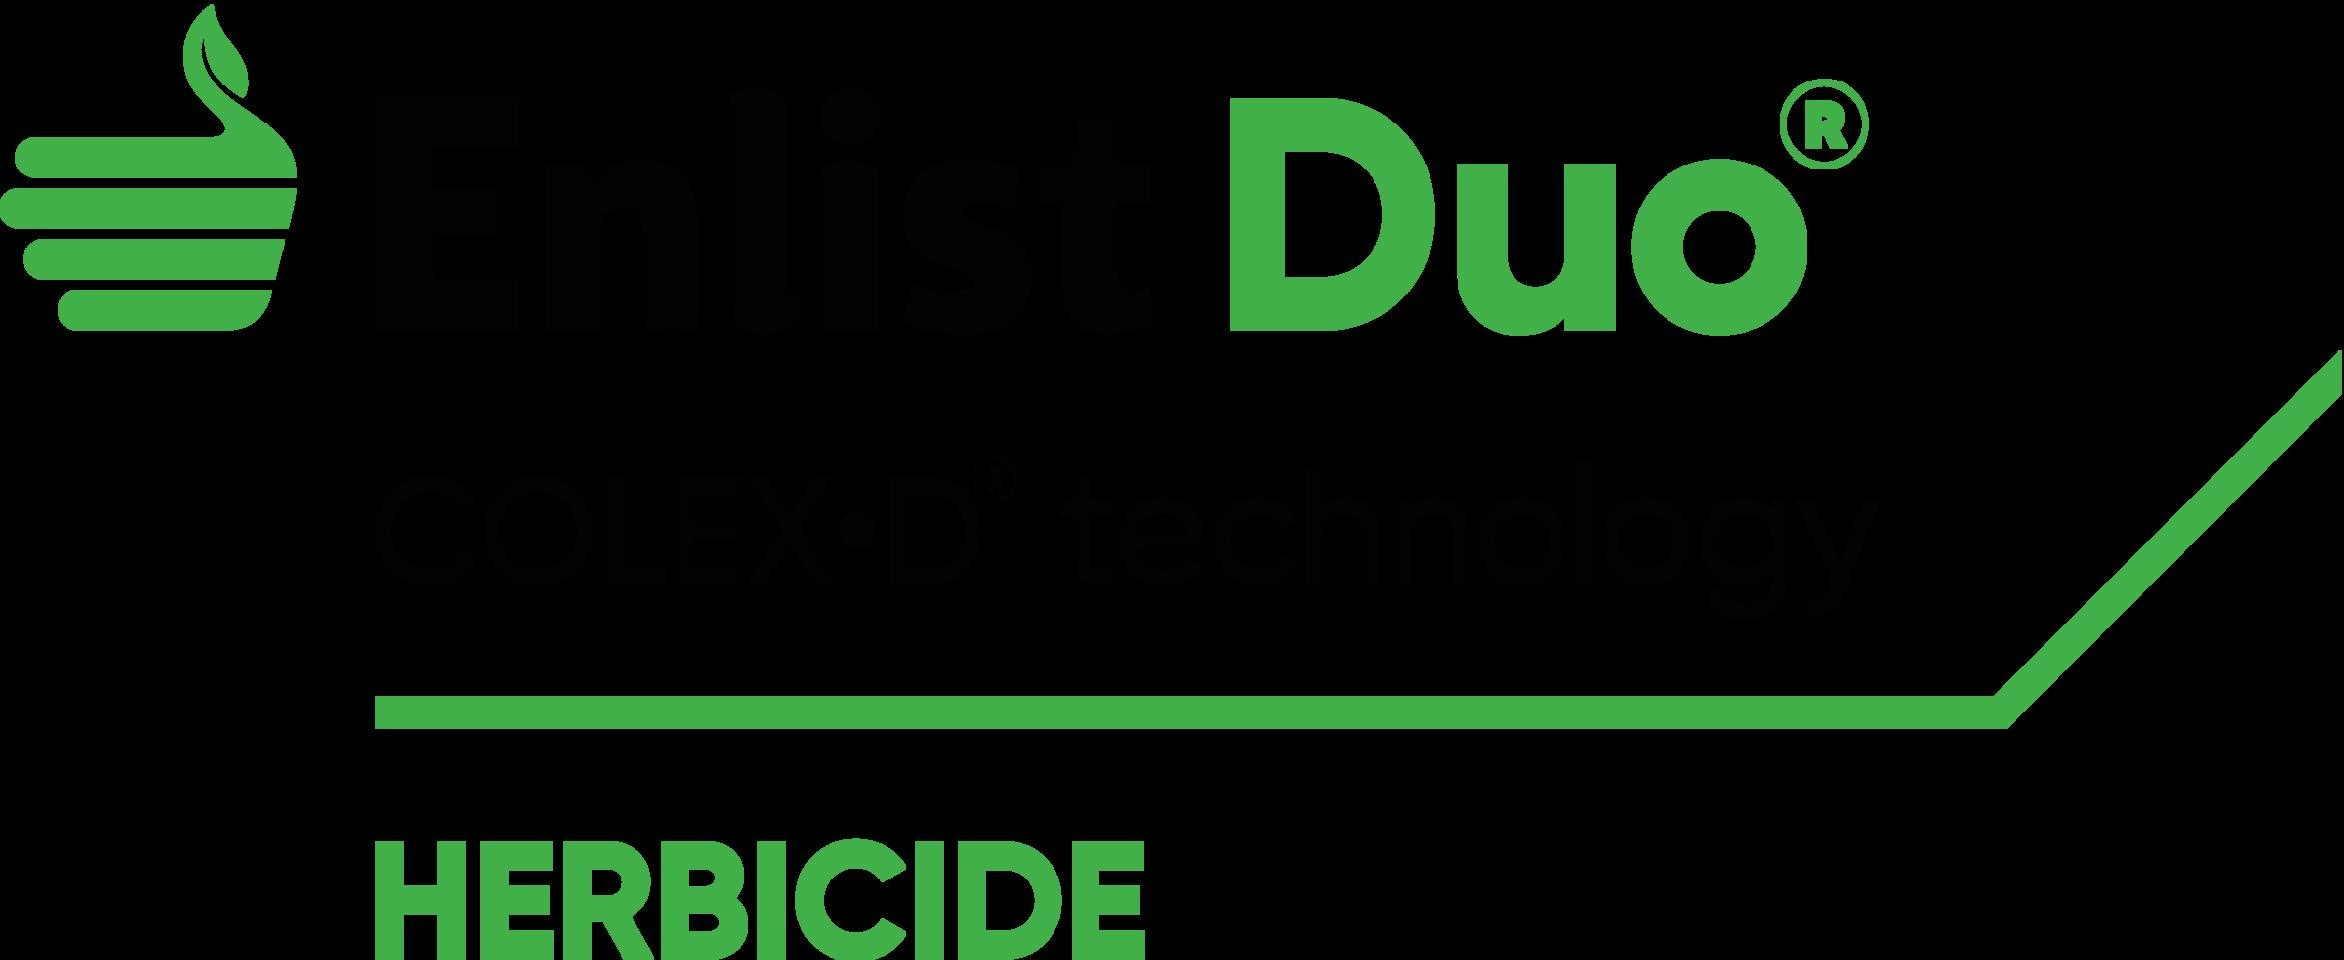 enlist duo colexd logo